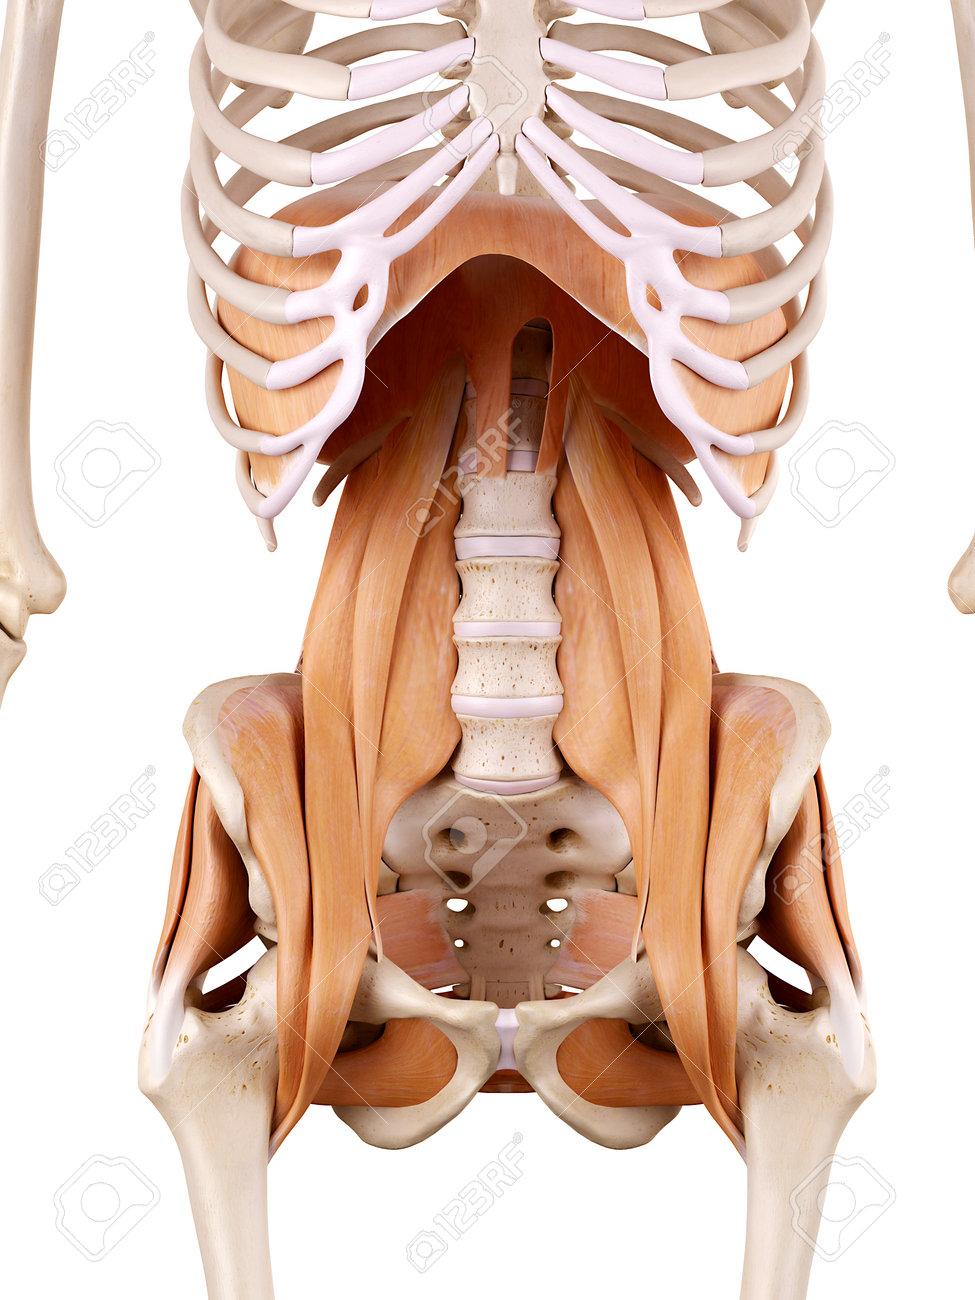 Ausgezeichnet Anatomie Der Hüfte Und Den Unteren Rücken Bilder ...